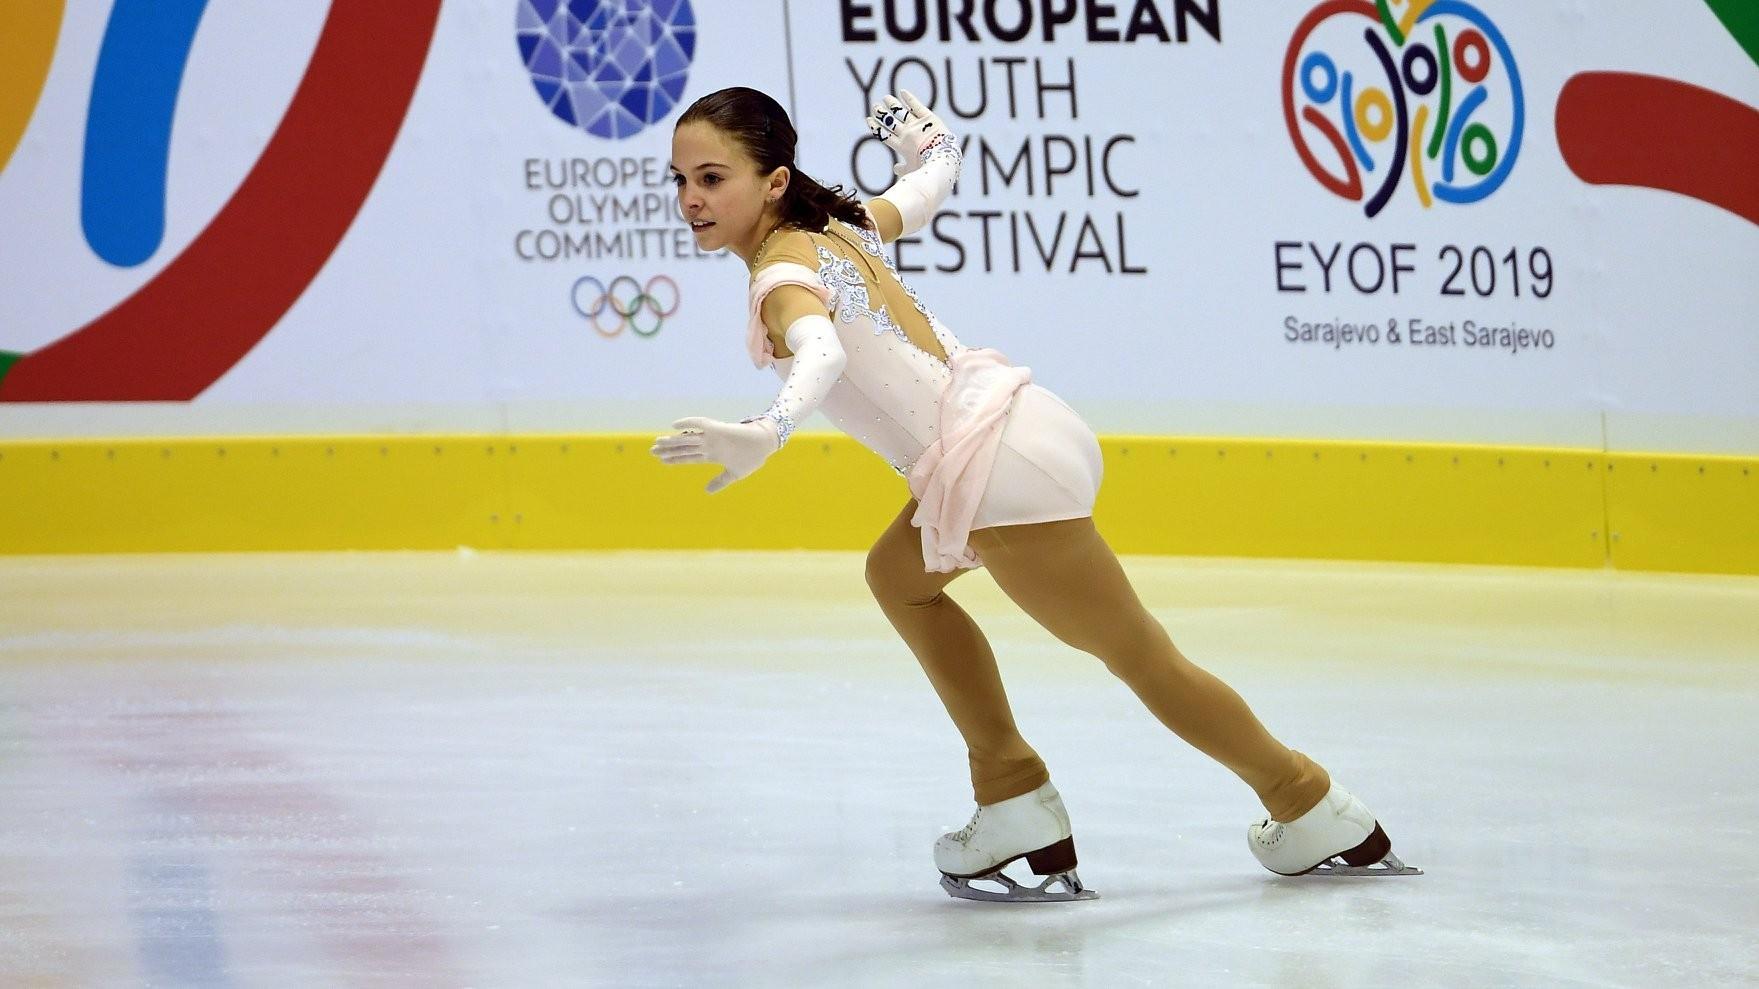 Elődöntős a curling-válogatott a téli EYOF-on, Láng Júlia 13. lett